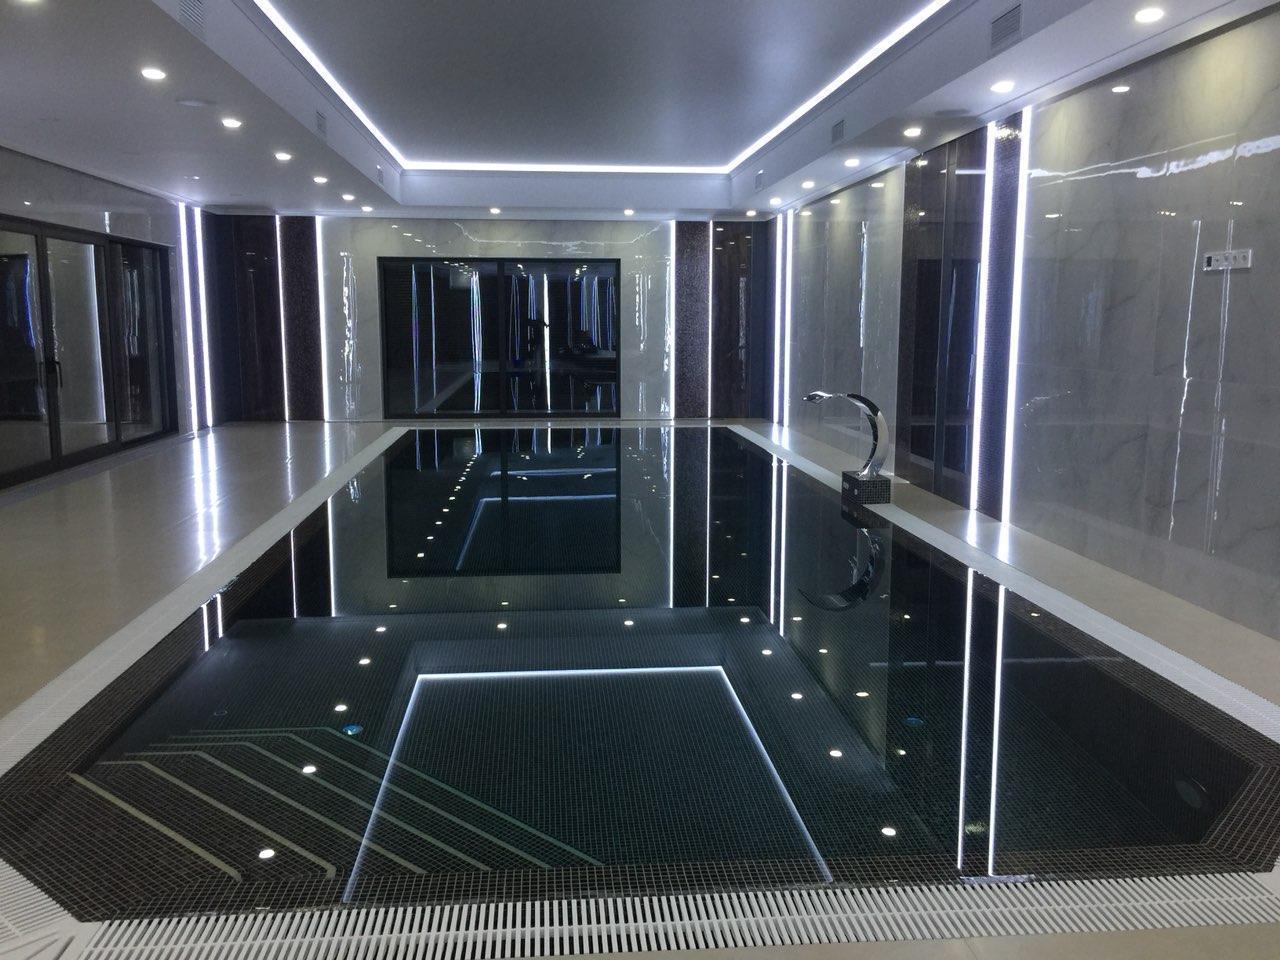 Полипропиленовый бассейн прямоугольный - 20,0 x 4,0 x 1,5 м ПОД КЛЮЧ!